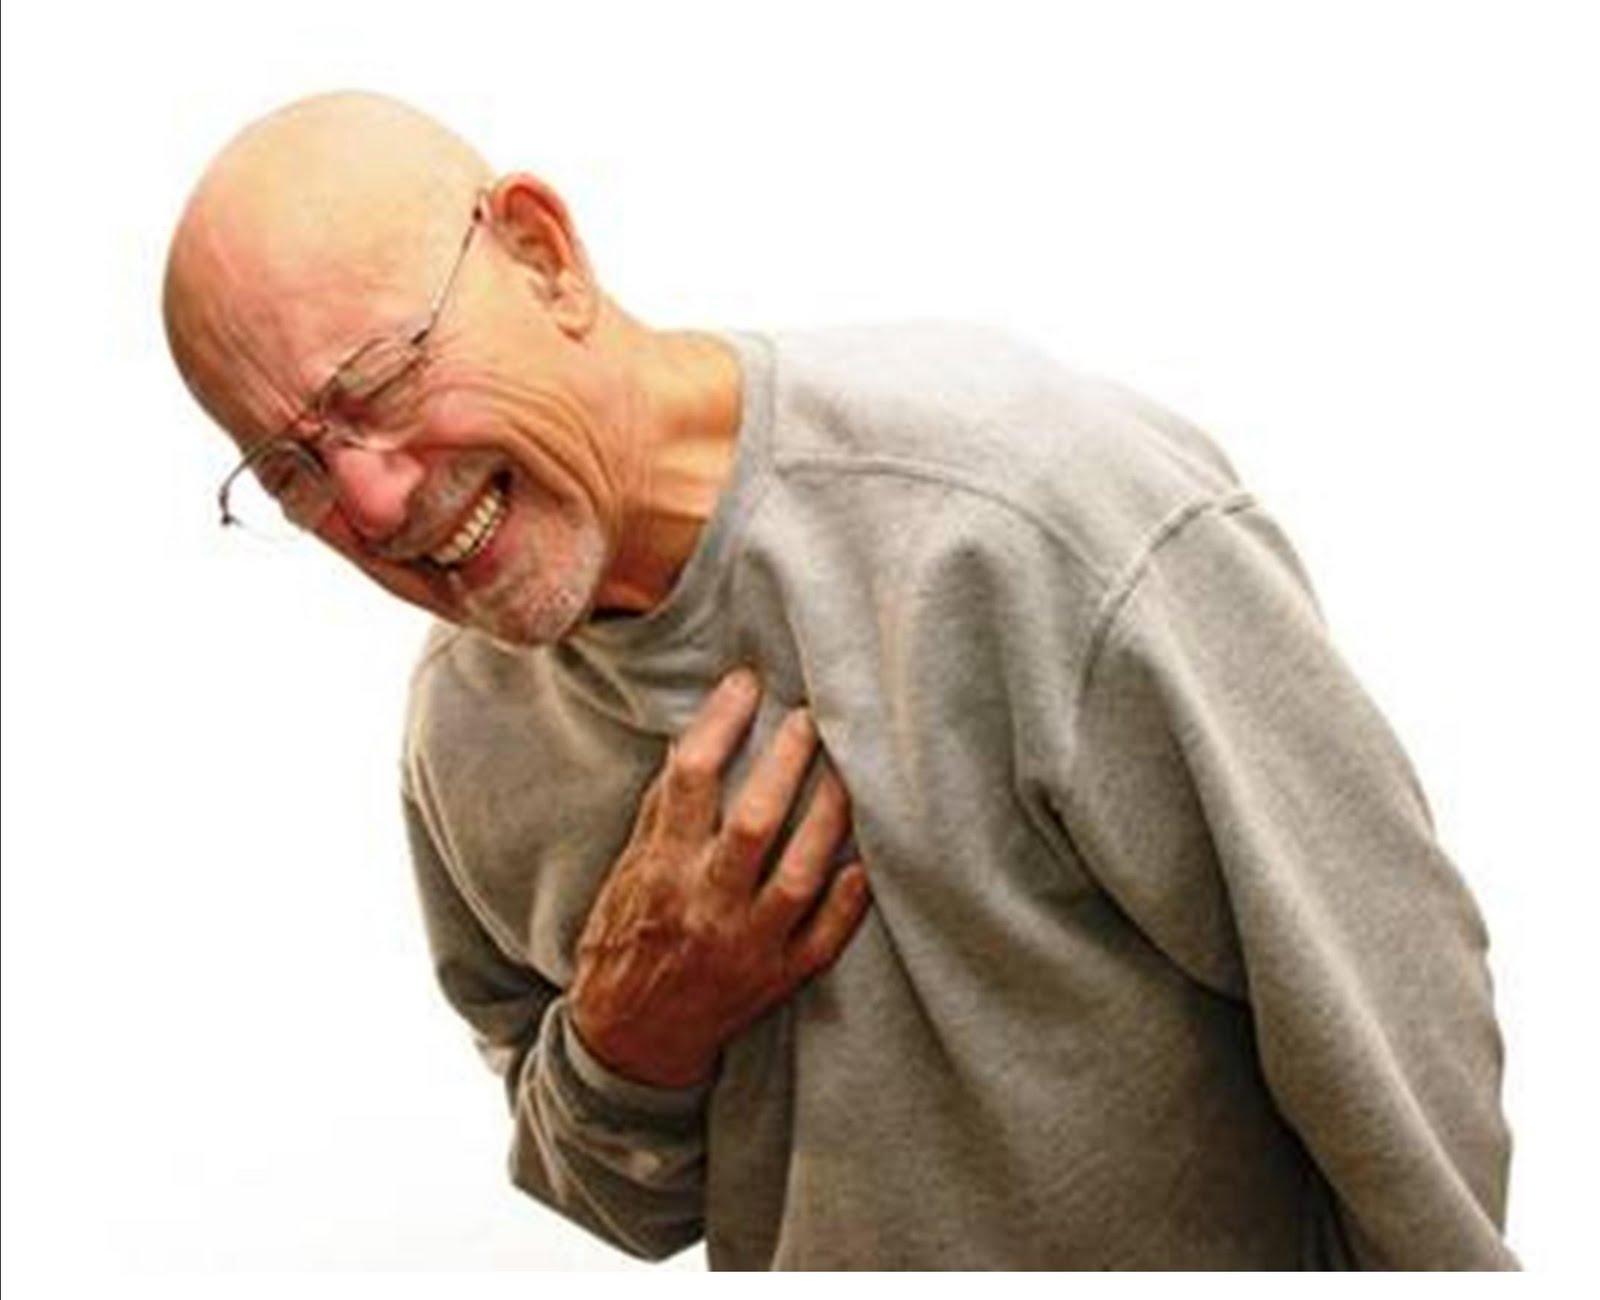 الإجهاد الجسدي والانزعاج العاطفي من مسببات نوبات القلب